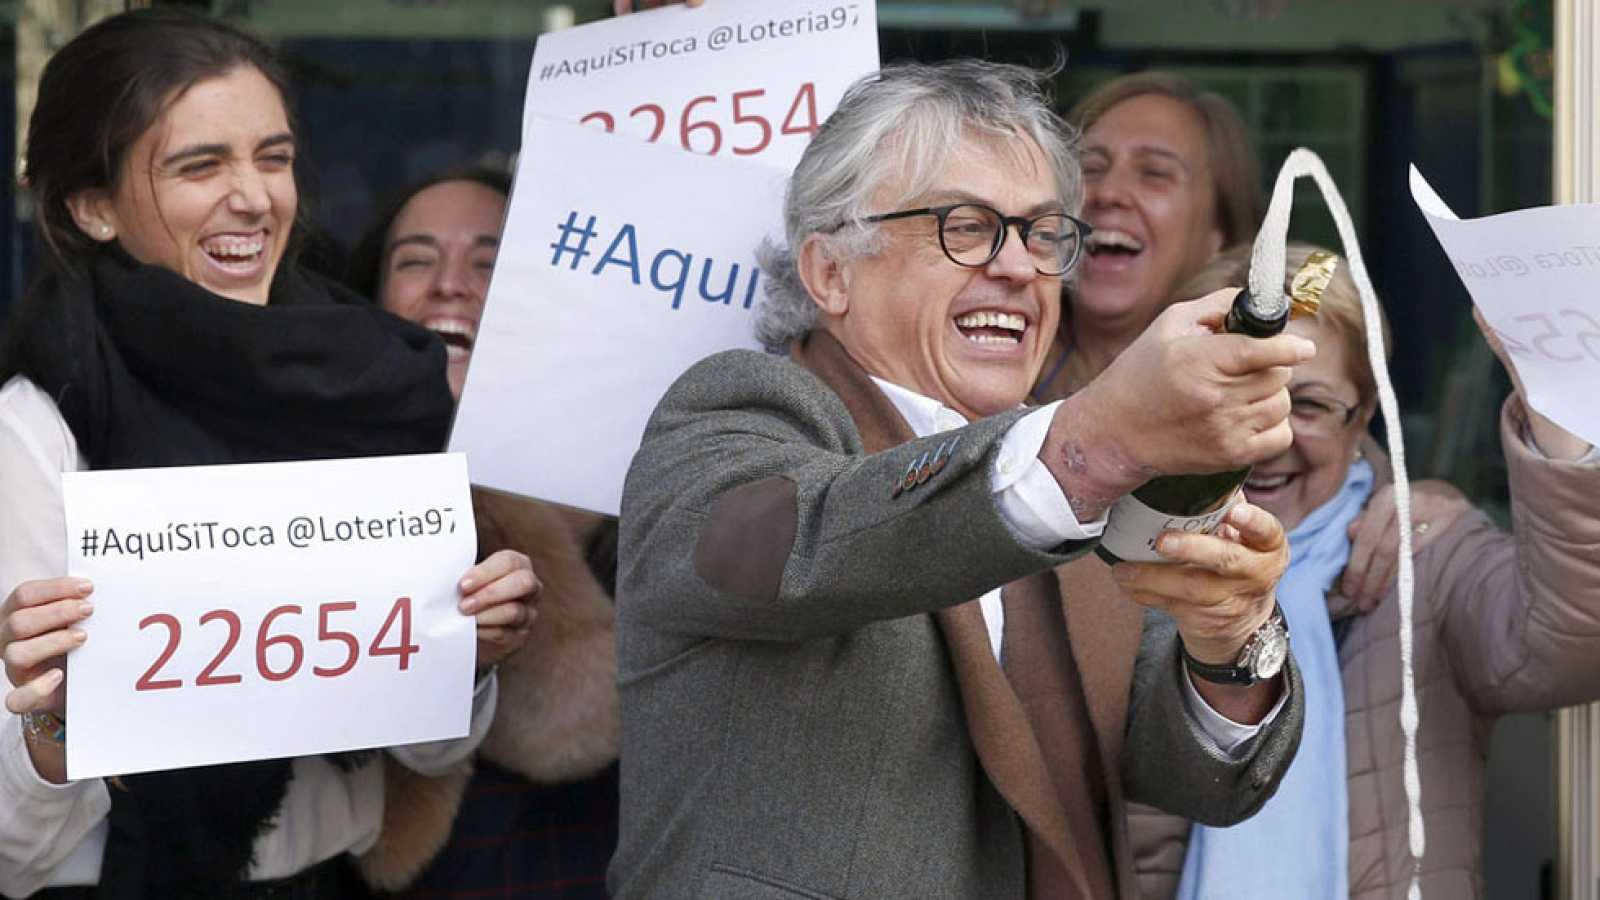 El 22.654, primer premio de loteria de El Niño